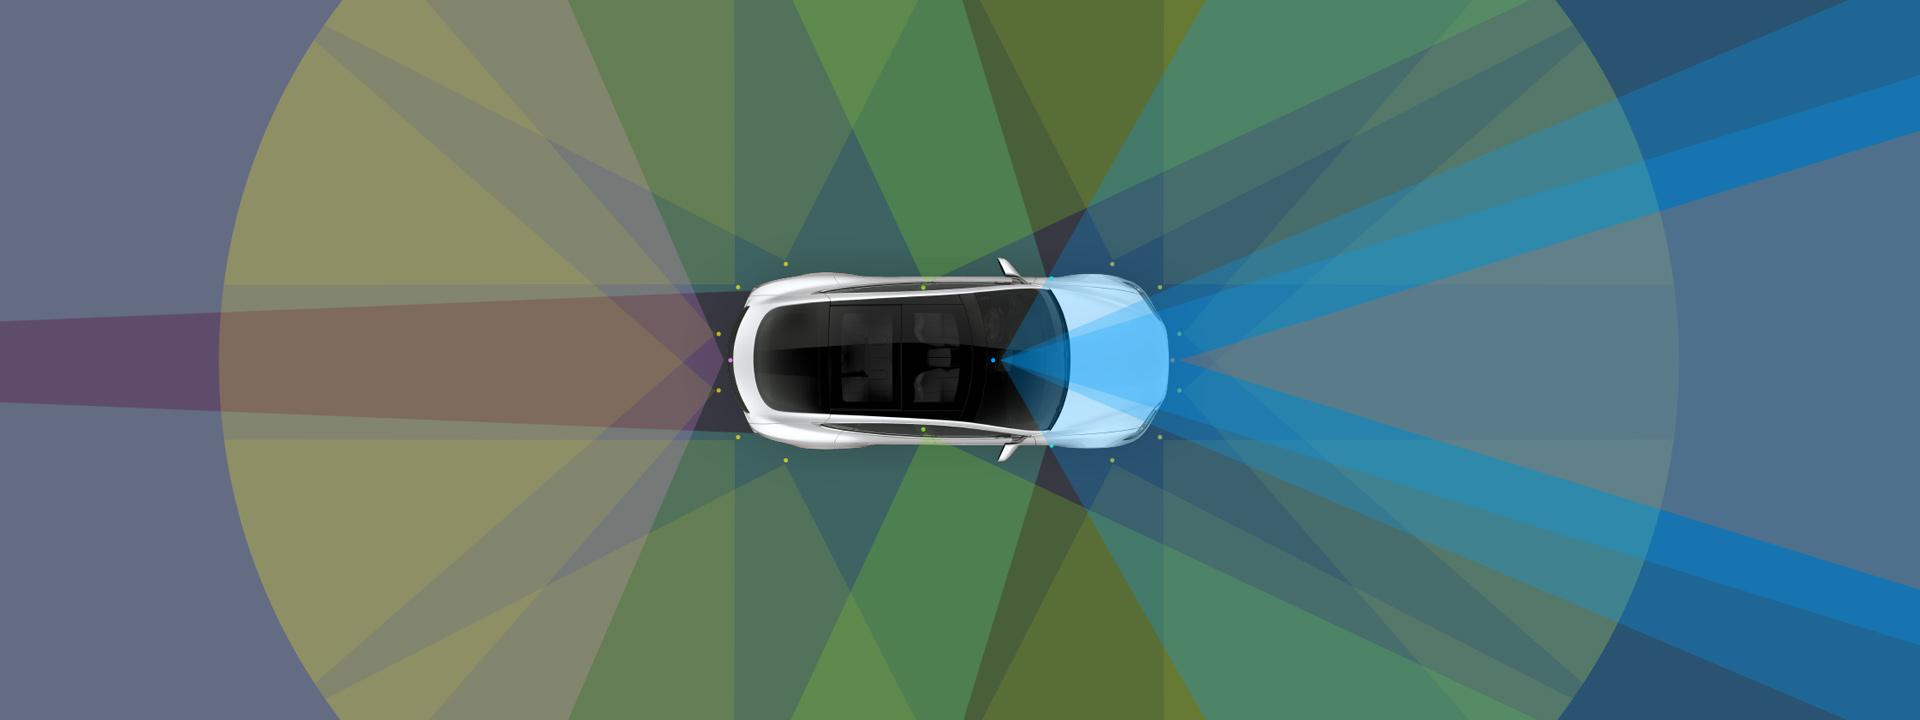 Autonoom rijden gaat niet werken - Tesla Autopilot sensoren